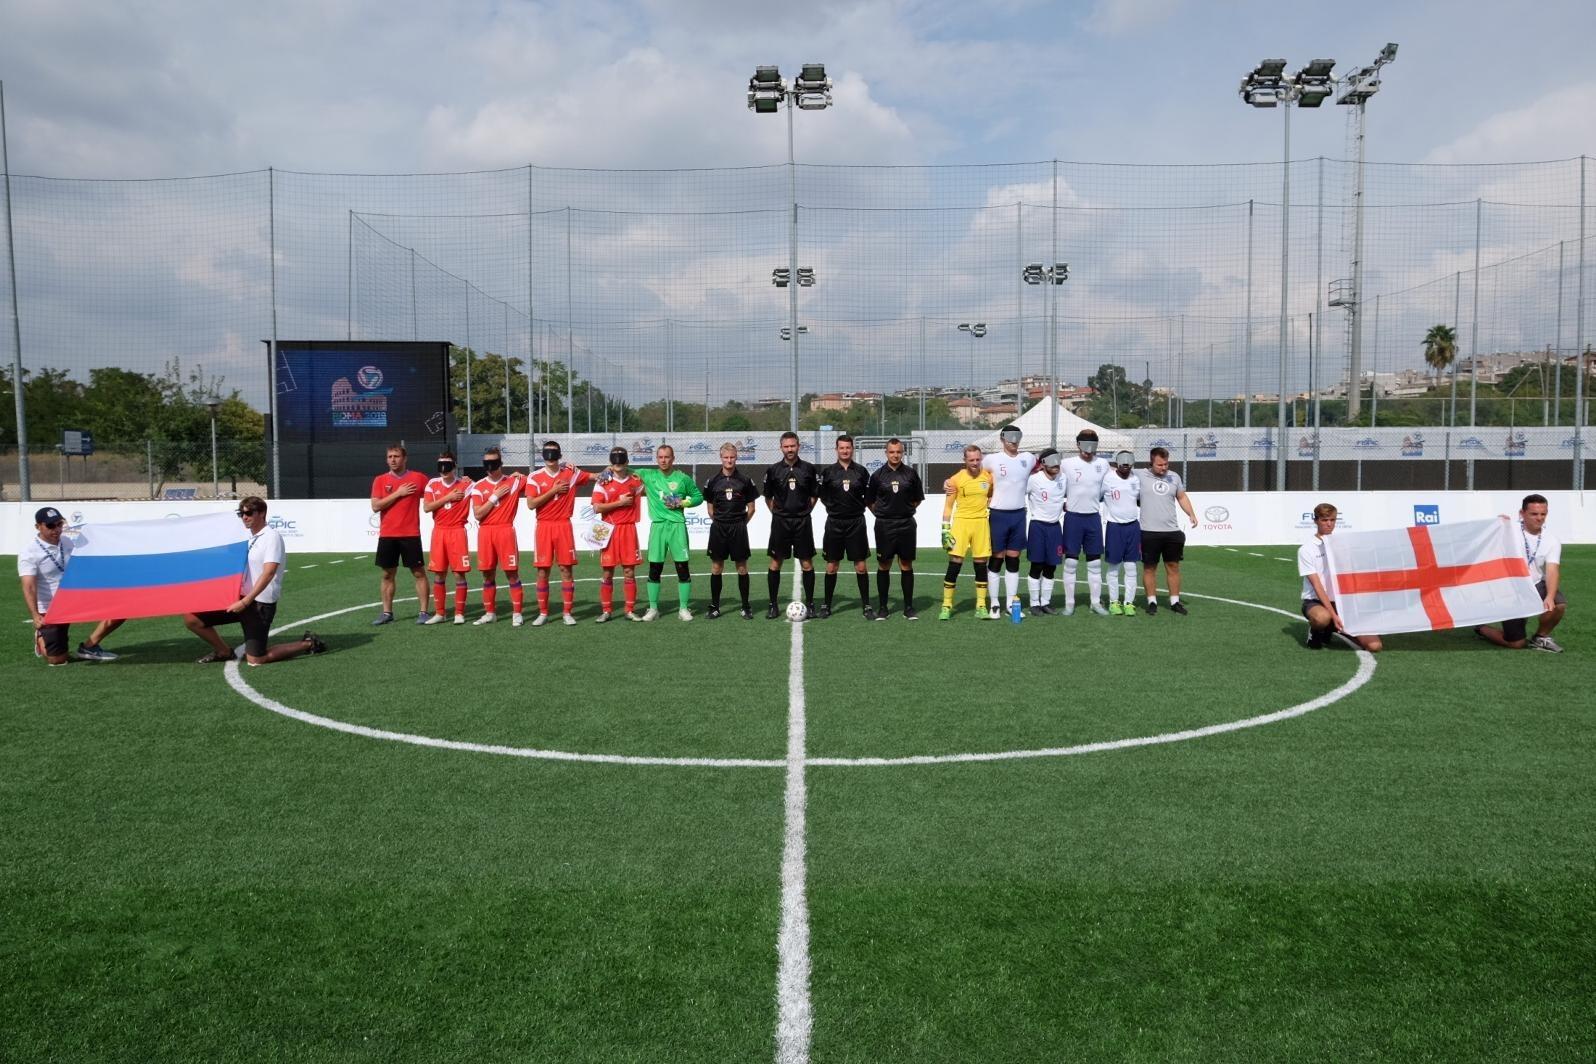 Сборная команда России по мини-футболу 5х5 класс В1 (тотально-слепые спортсмены) сыграла вничью со сборной Великобритании в третьем матче чемпионата Европы в Италии